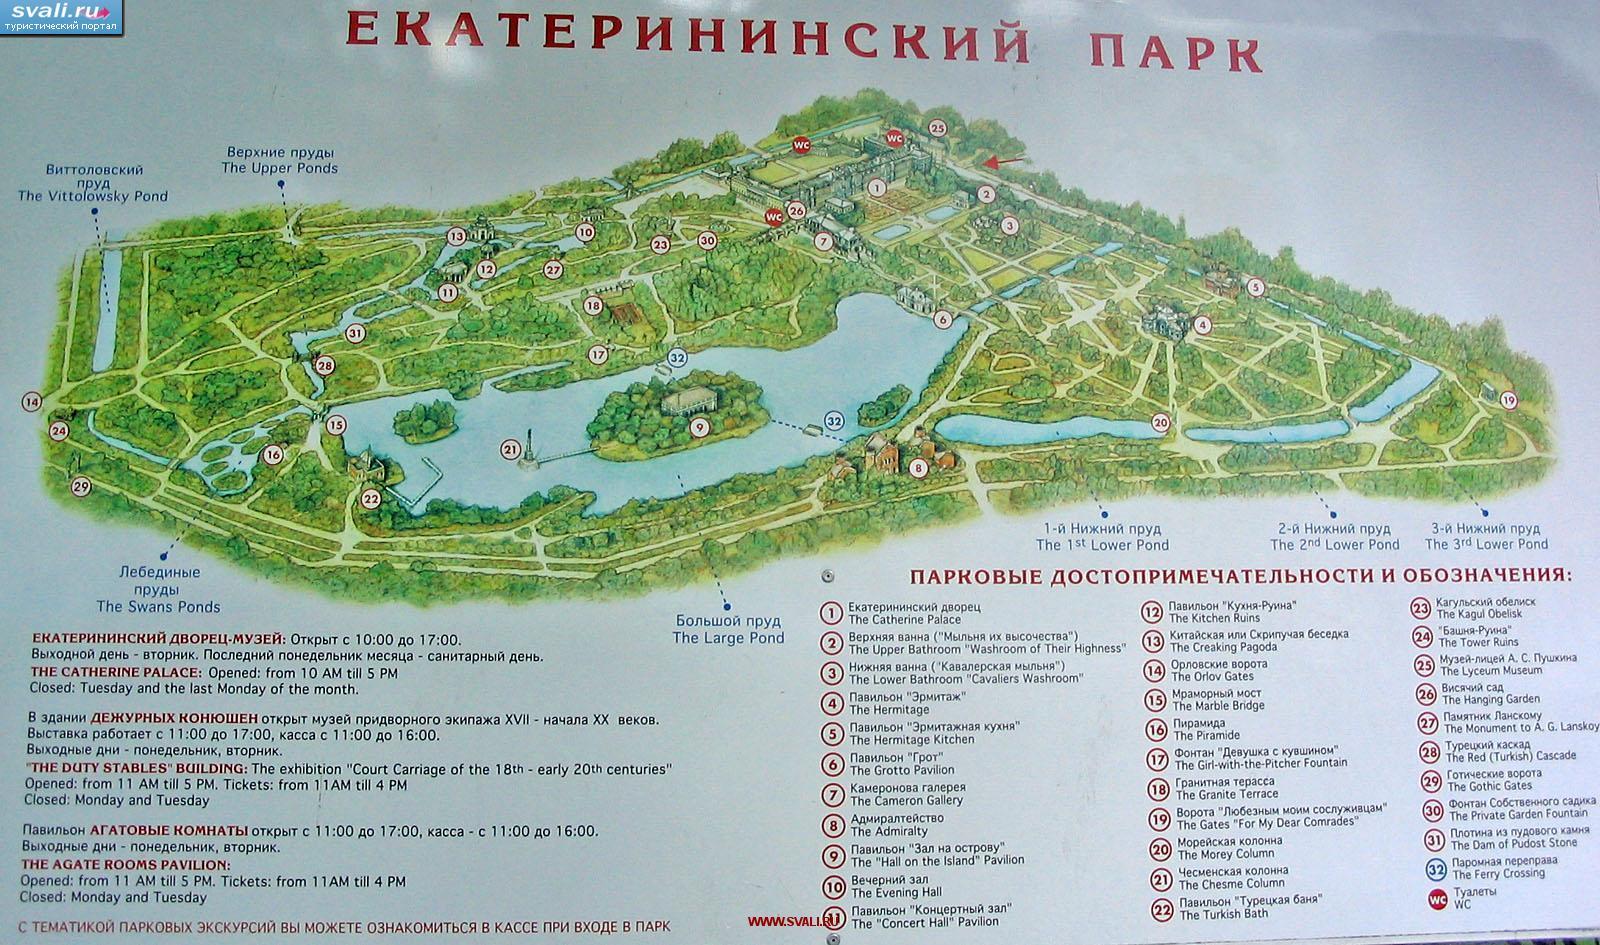 Схема пушкинского парка